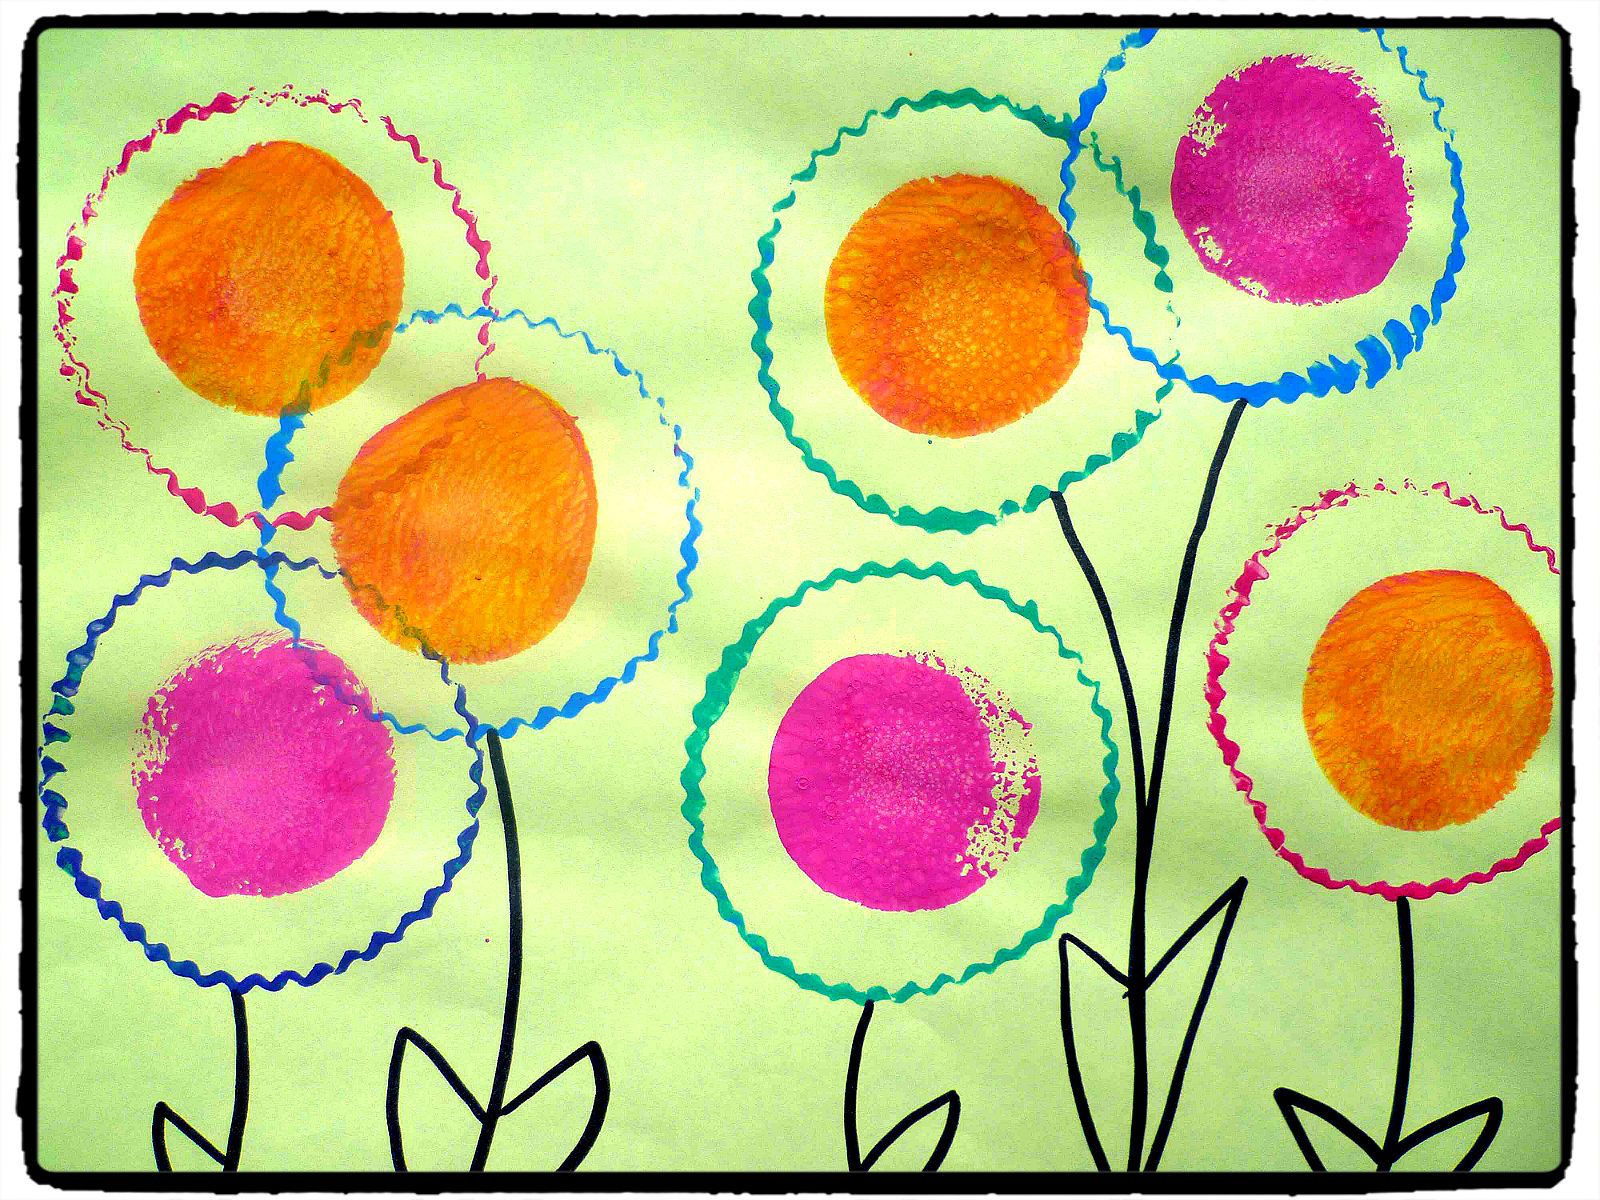 p1100699 activit saison pr enfant pinterest bricolage enfant printemps et bricolage. Black Bedroom Furniture Sets. Home Design Ideas